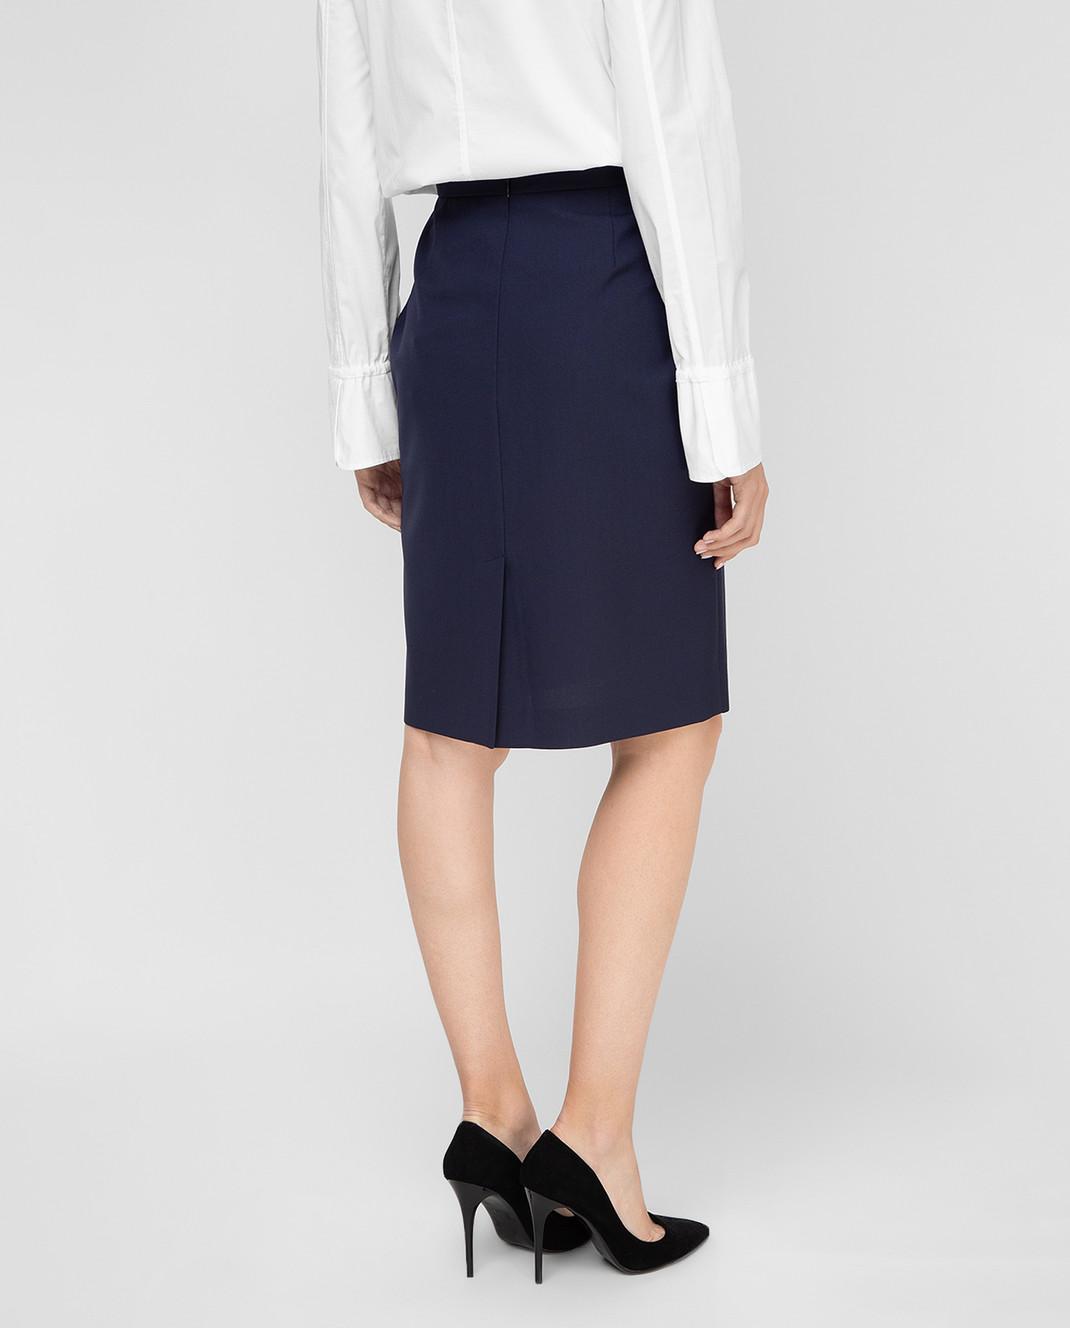 Balenciaga Темно-синяя юбка 373614 изображение 4